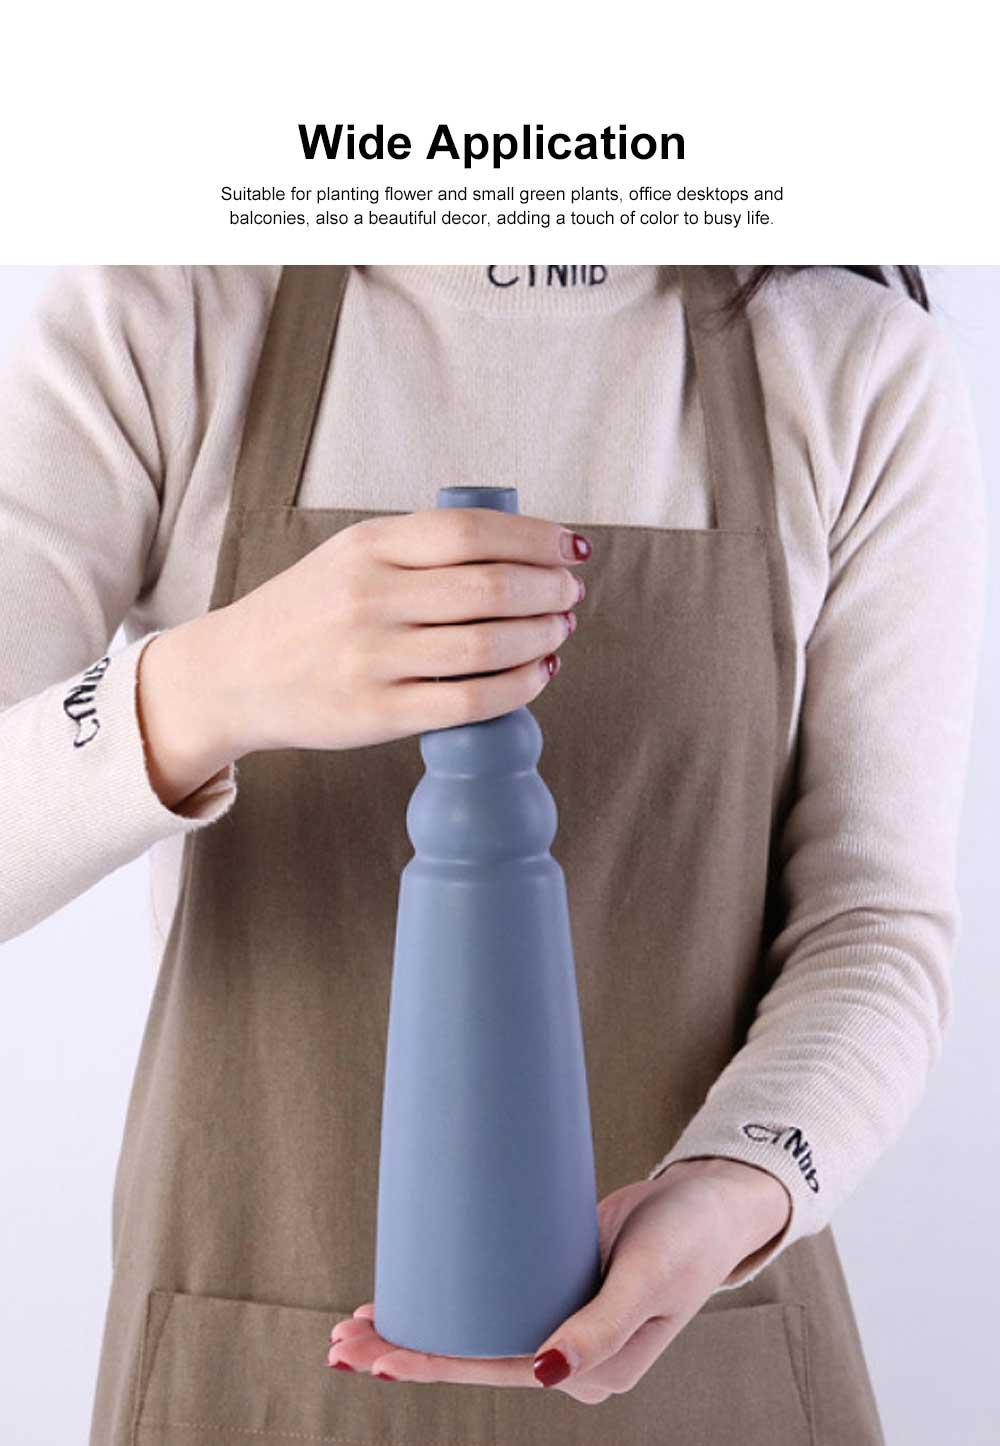 Ceramic Flower Pot Vase Matte Frosted Flower Pot Long & Short Pure Color Vase for Desktop Home Decor Gifts 3